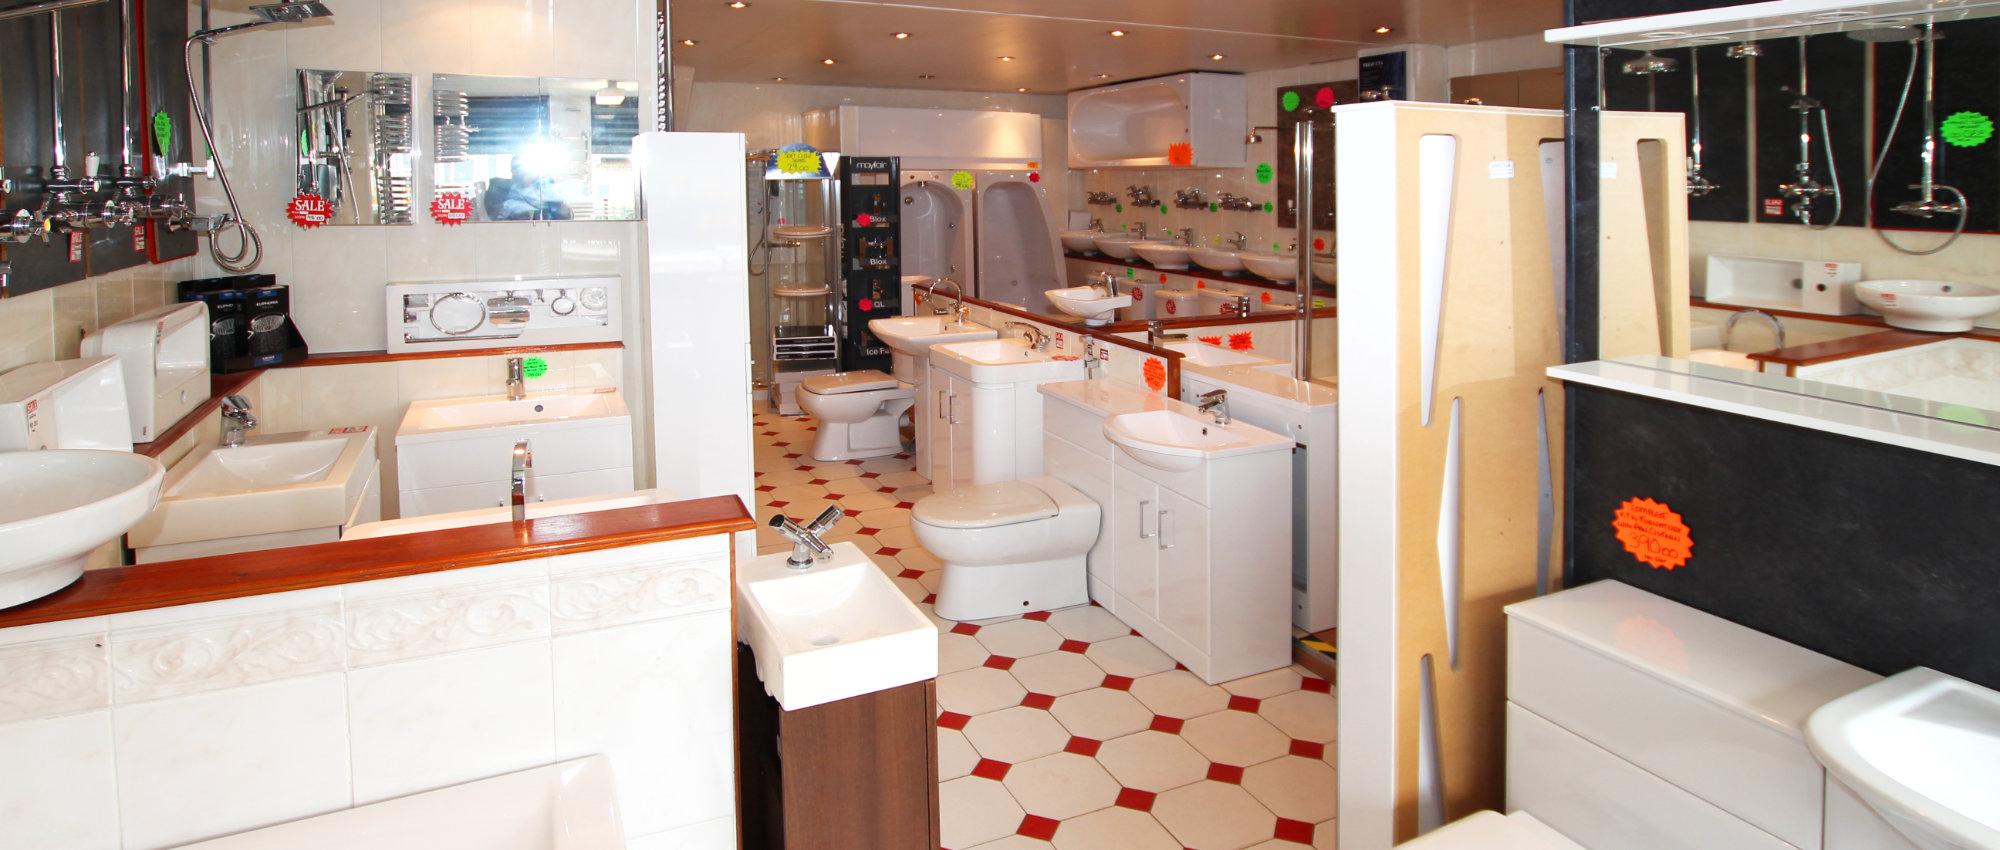 Bathrooms from J.B. Jessop